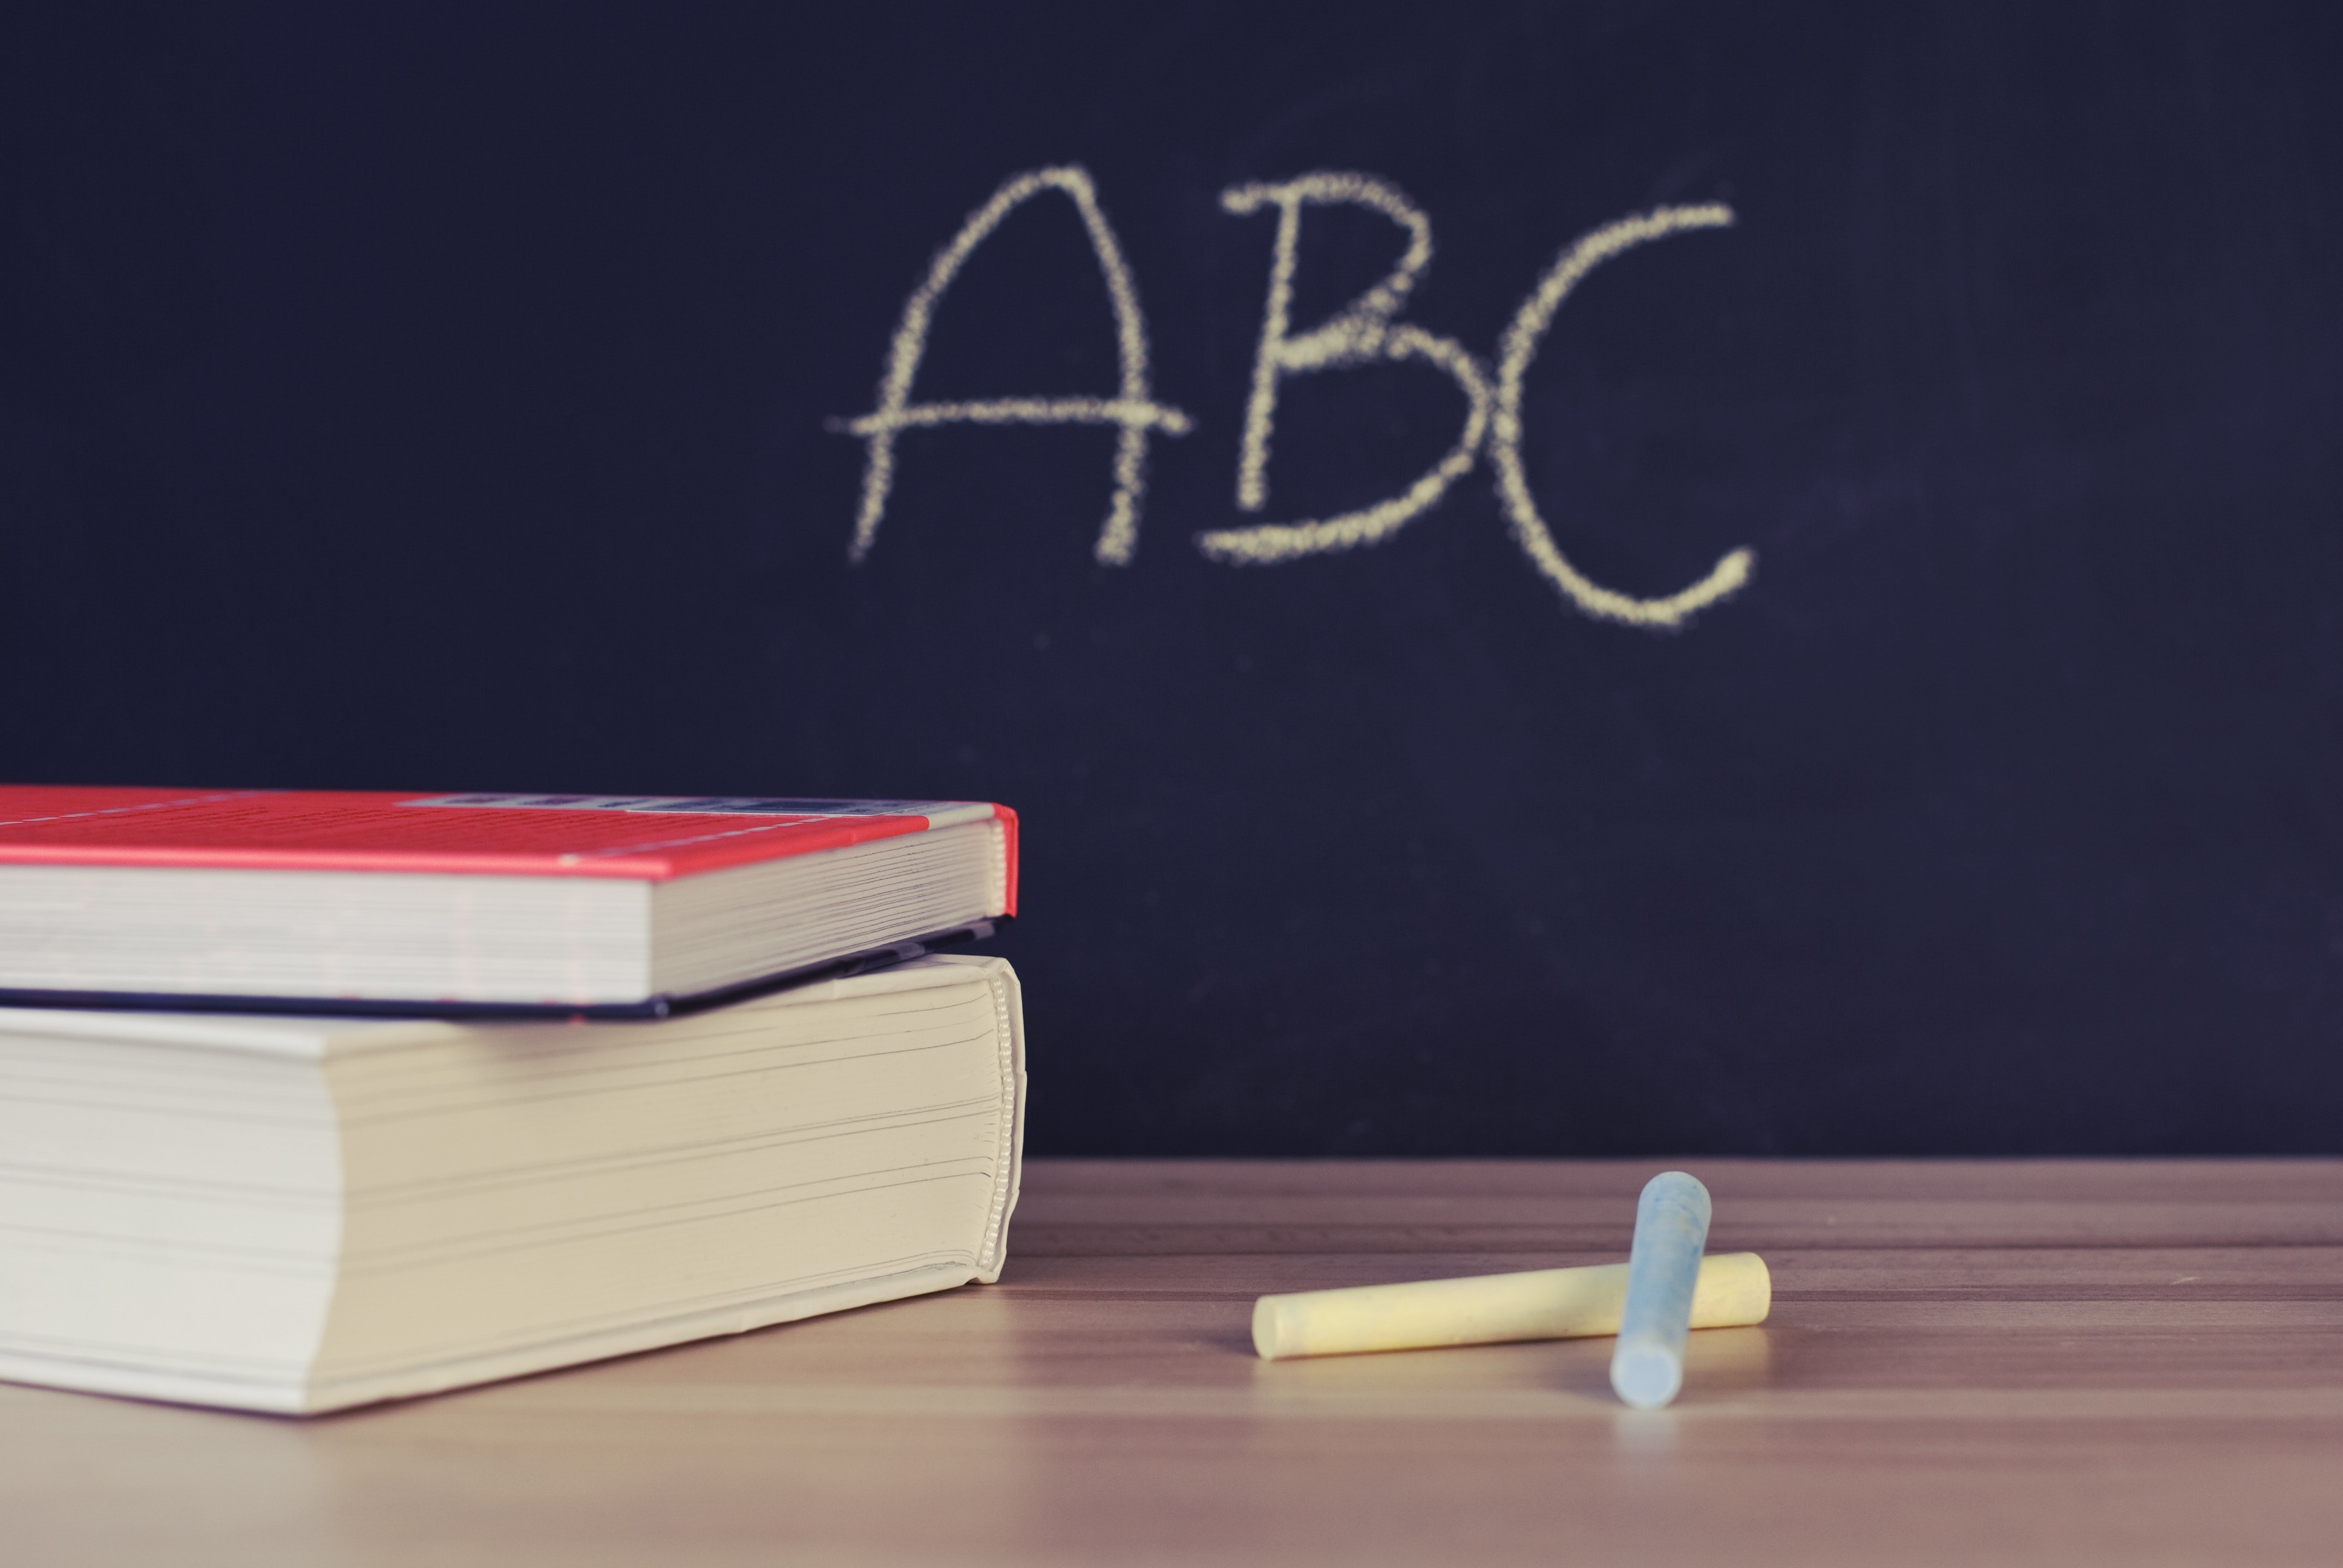 dois livros em cima de uma mesa com um giz e no fundo escrito ABC